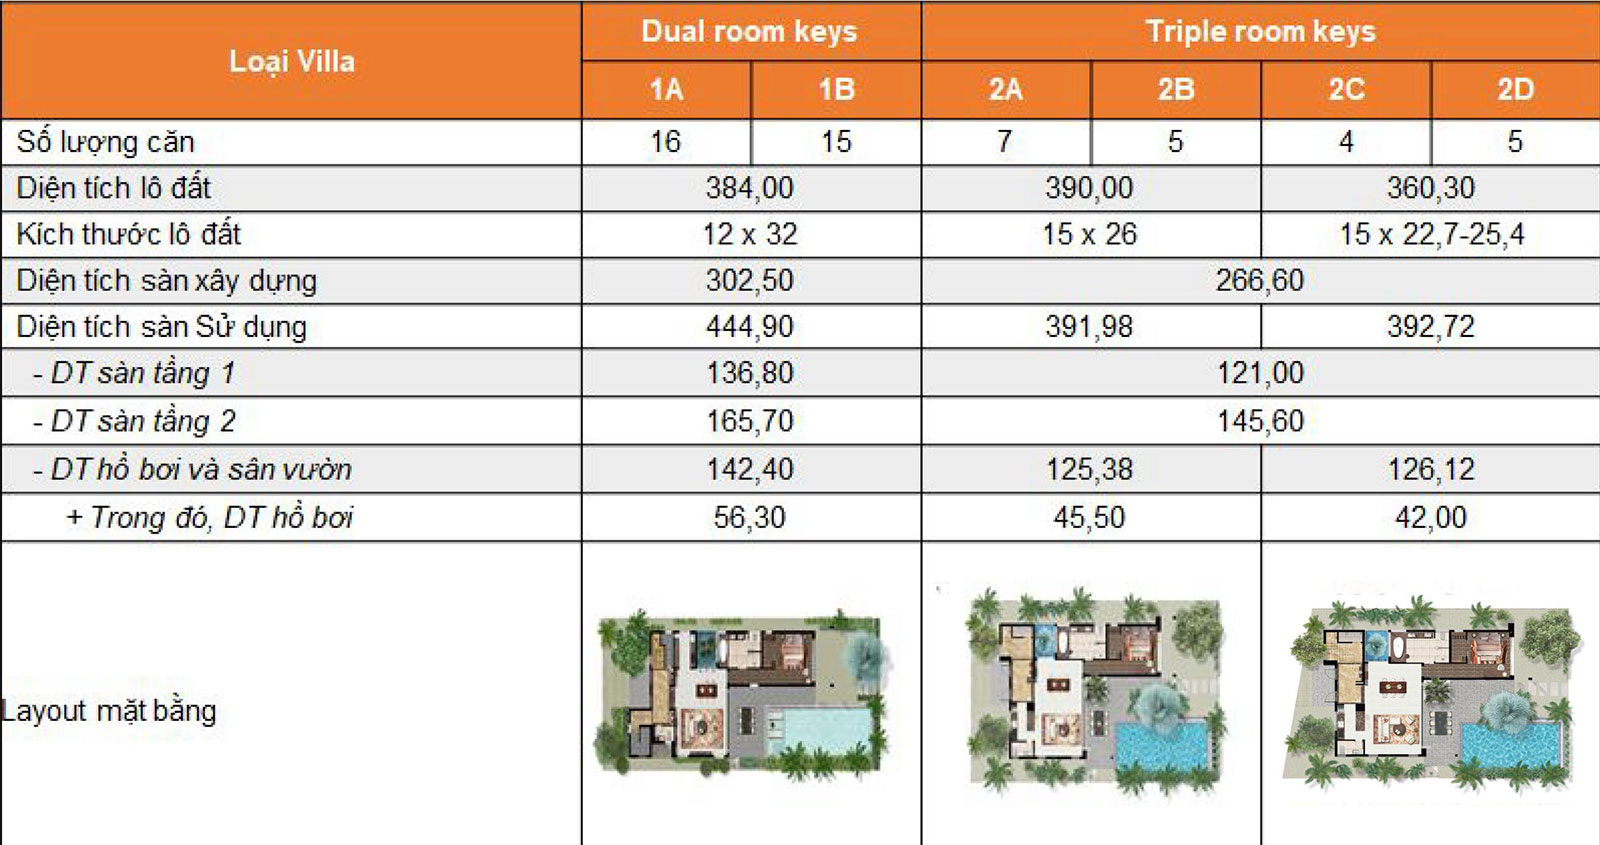 Angsana-Residences-Ho-tram-3